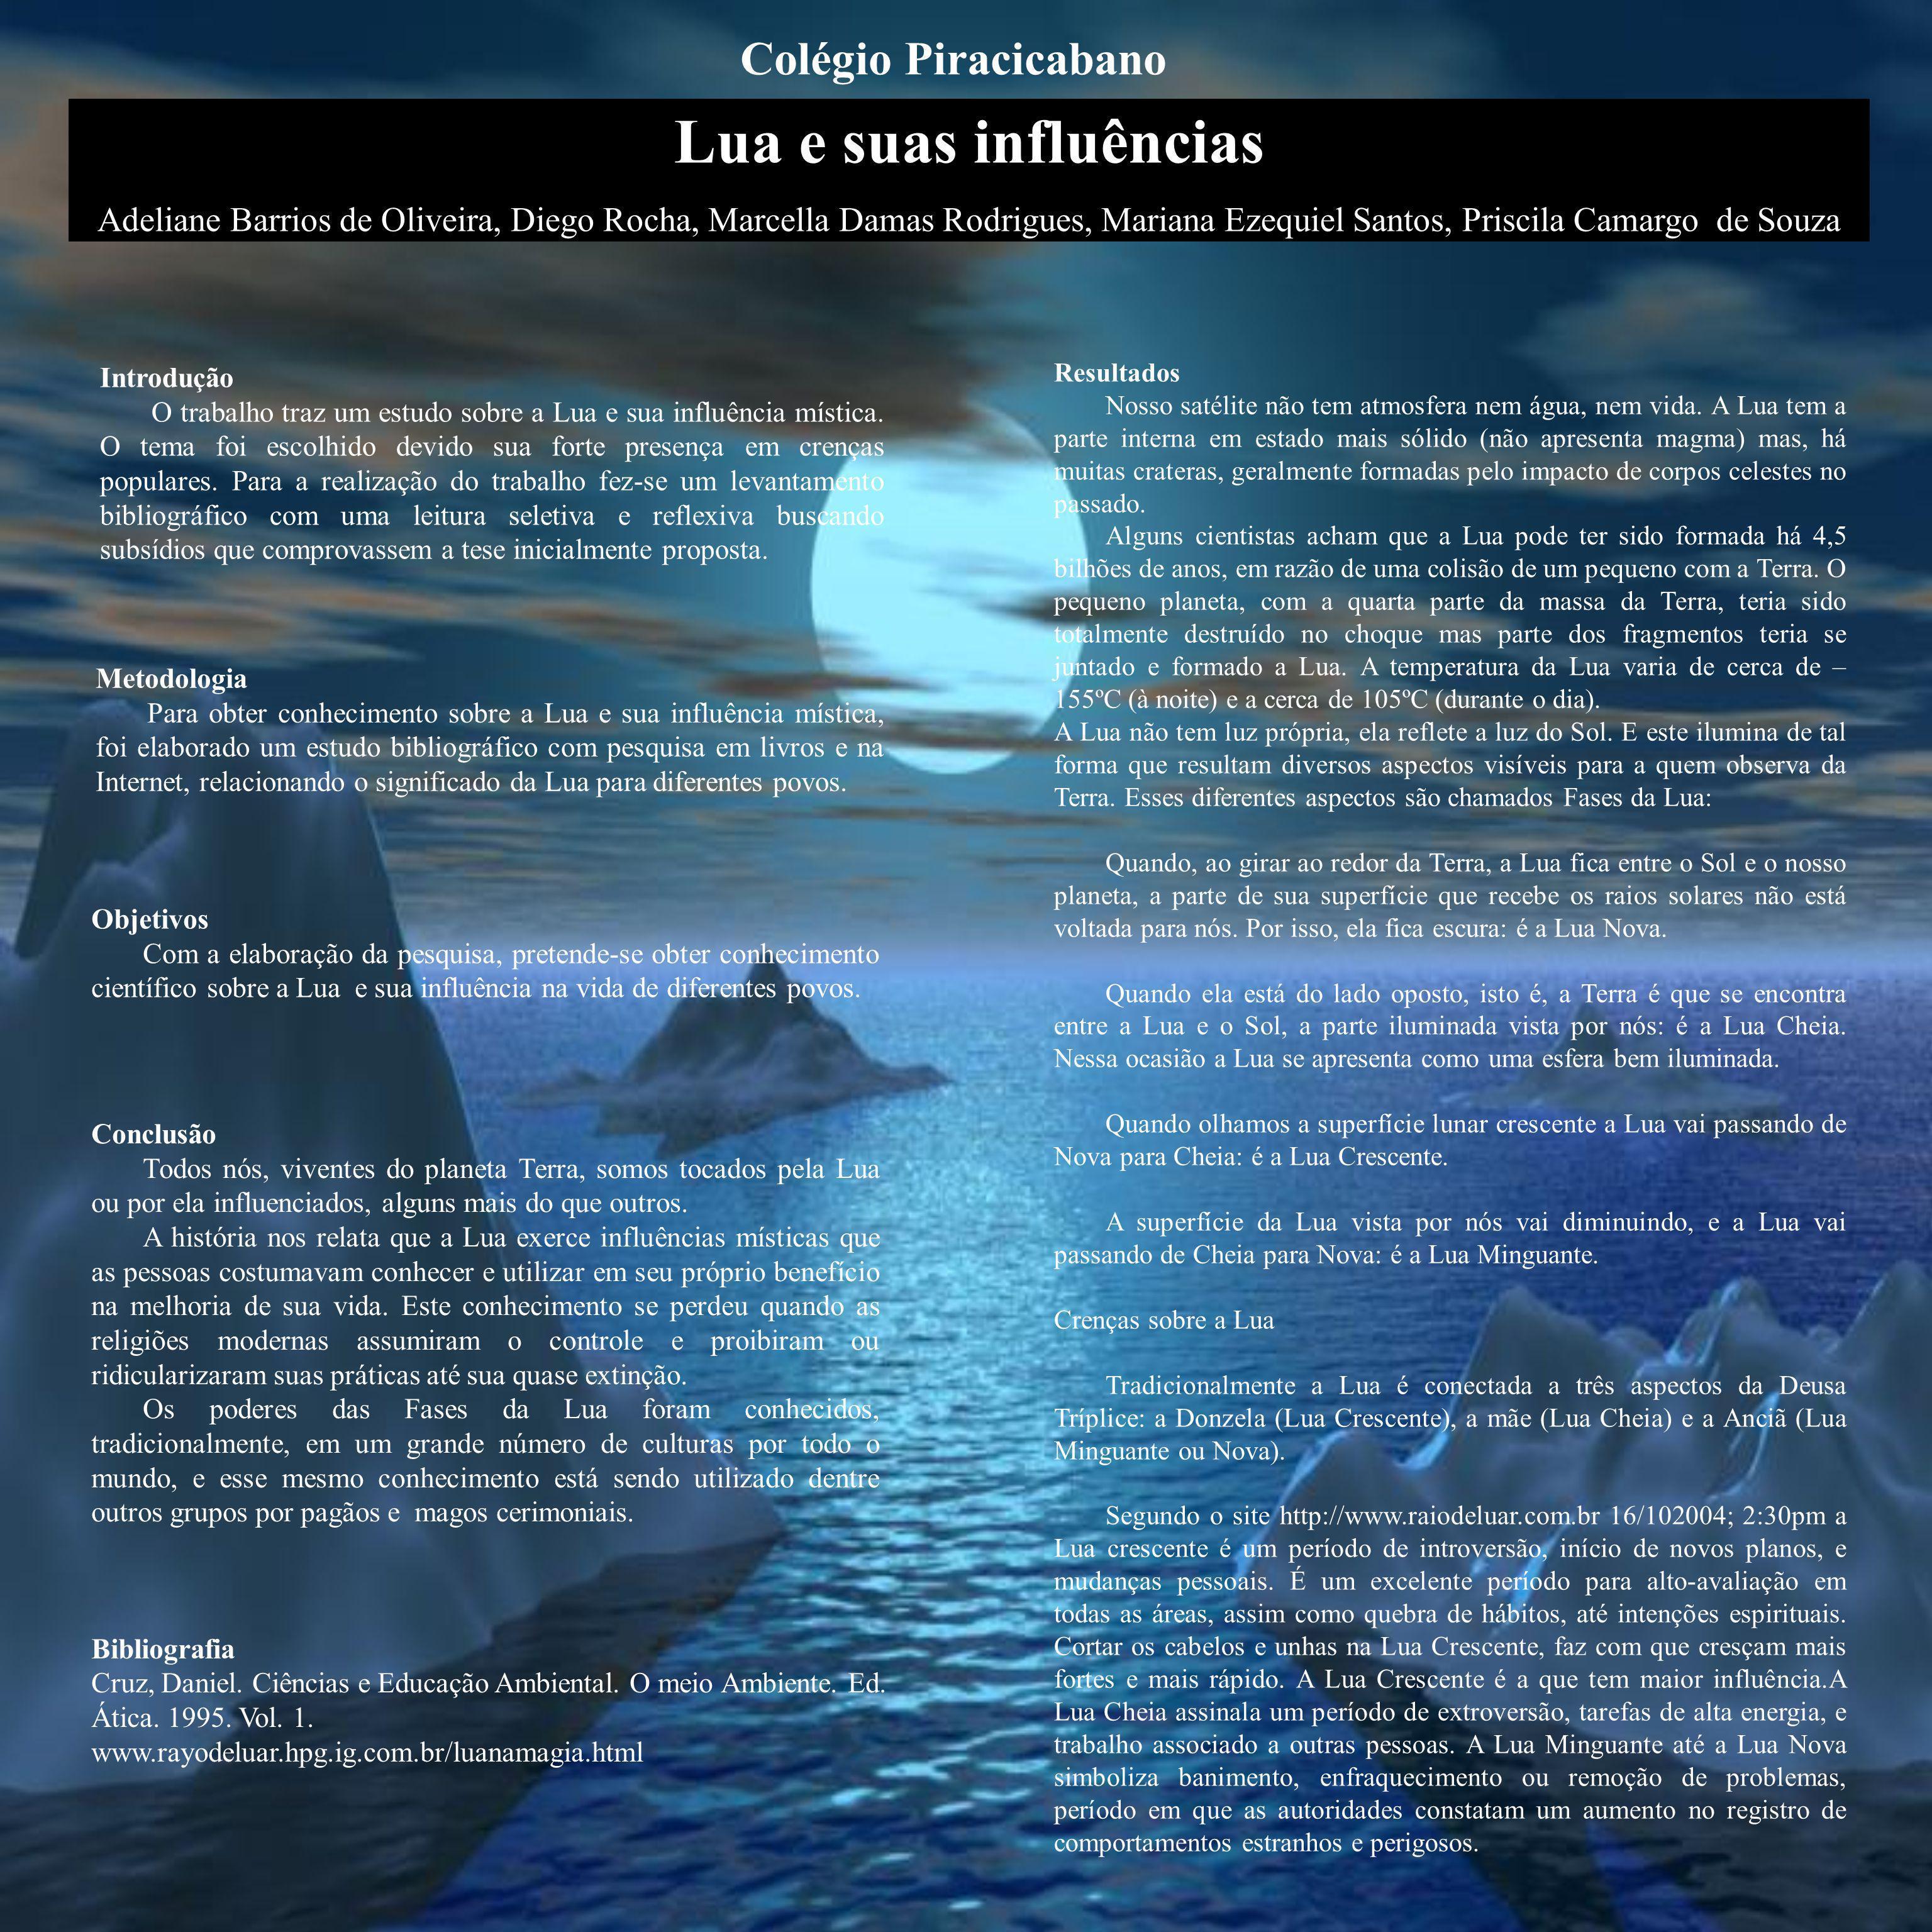 Introdução O trabalho traz um estudo sobre a Lua e sua influência mística. O tema foi escolhido devido sua forte presença em crenças populares. Para a